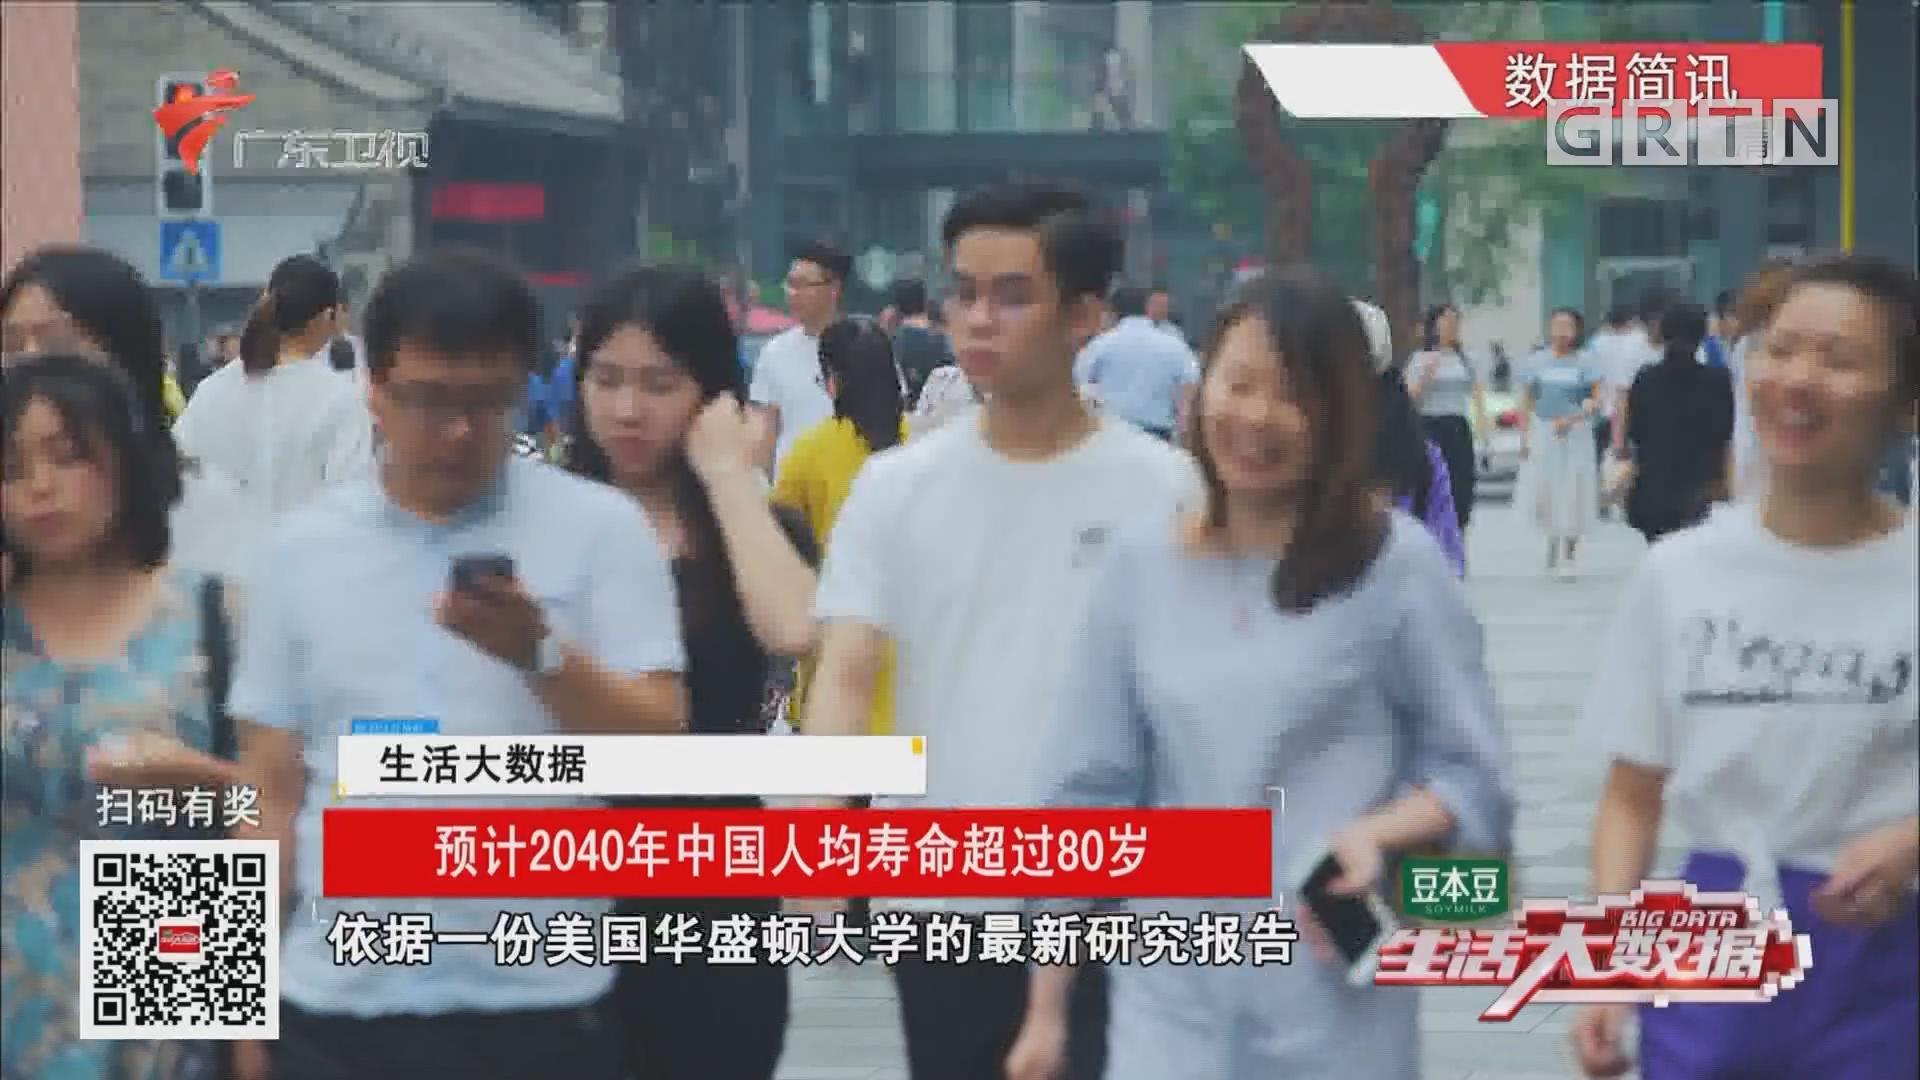 预计2040年中国人均寿命超过80岁